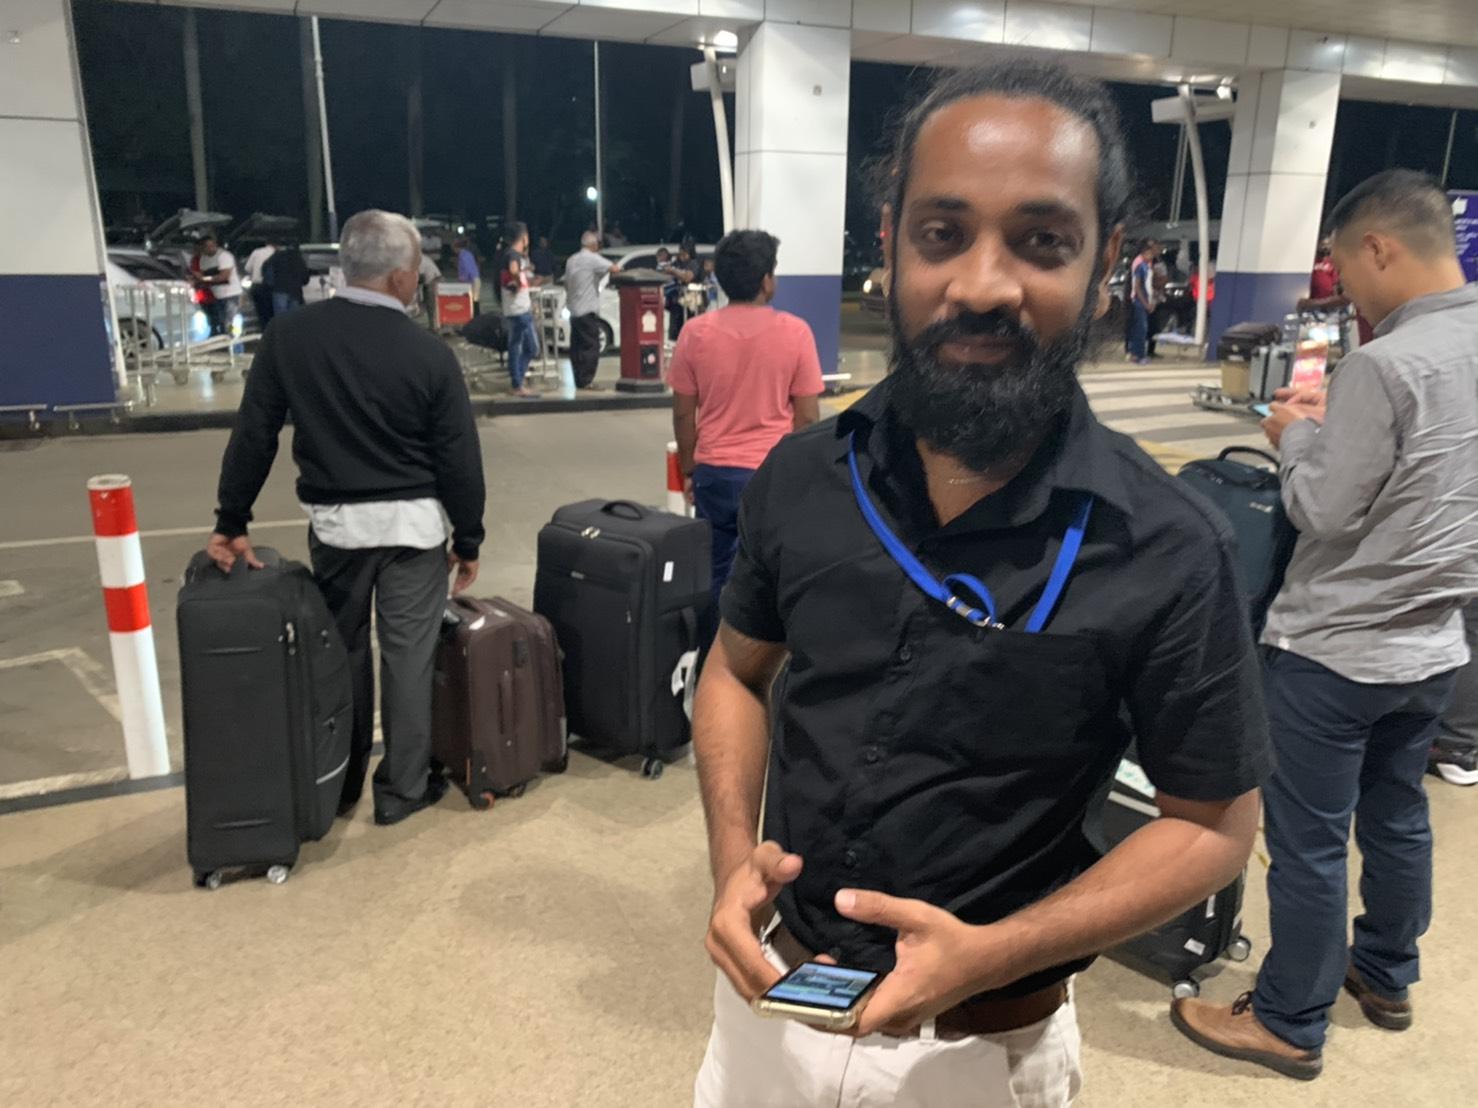 スリランカタクシーサービスのドライバーであるアサンカ氏